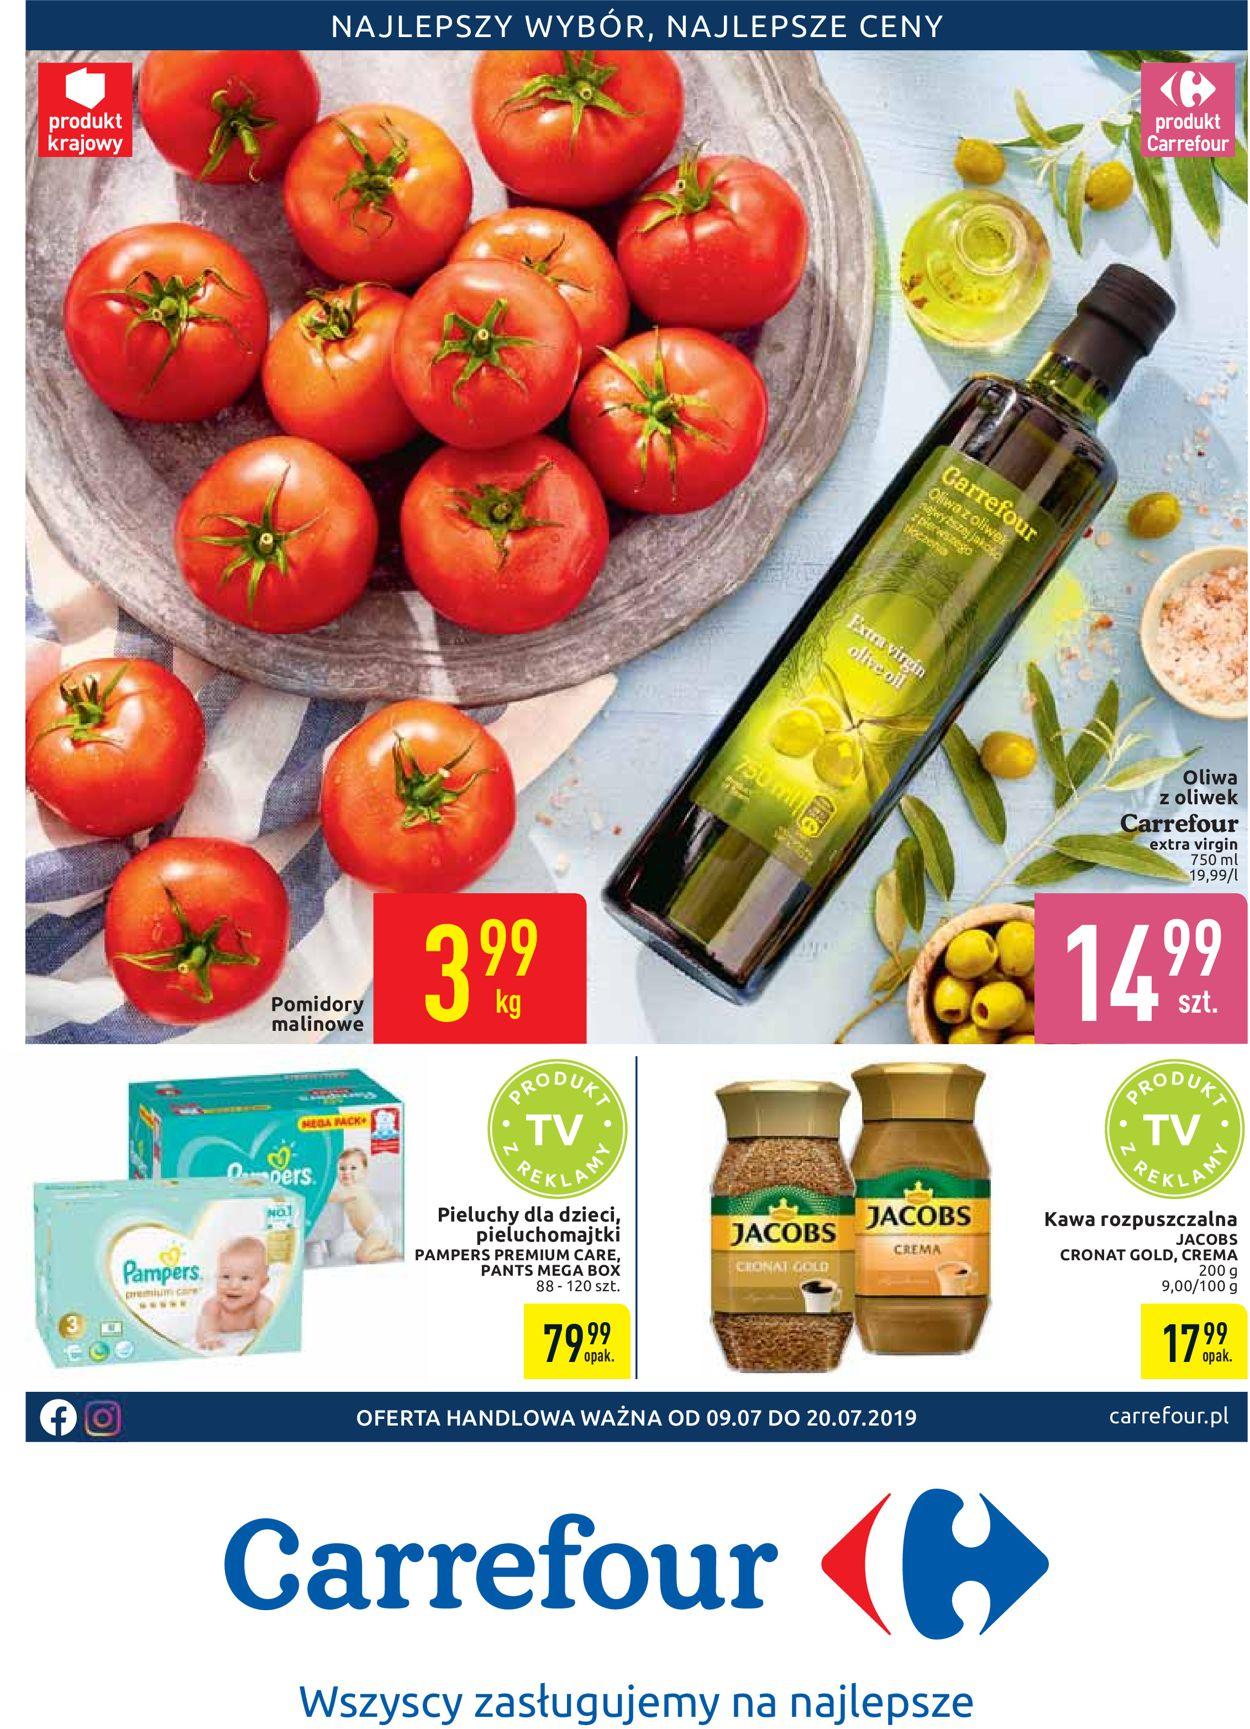 Gazetka promocyjna Carrefour - 09.07-20.07.2019